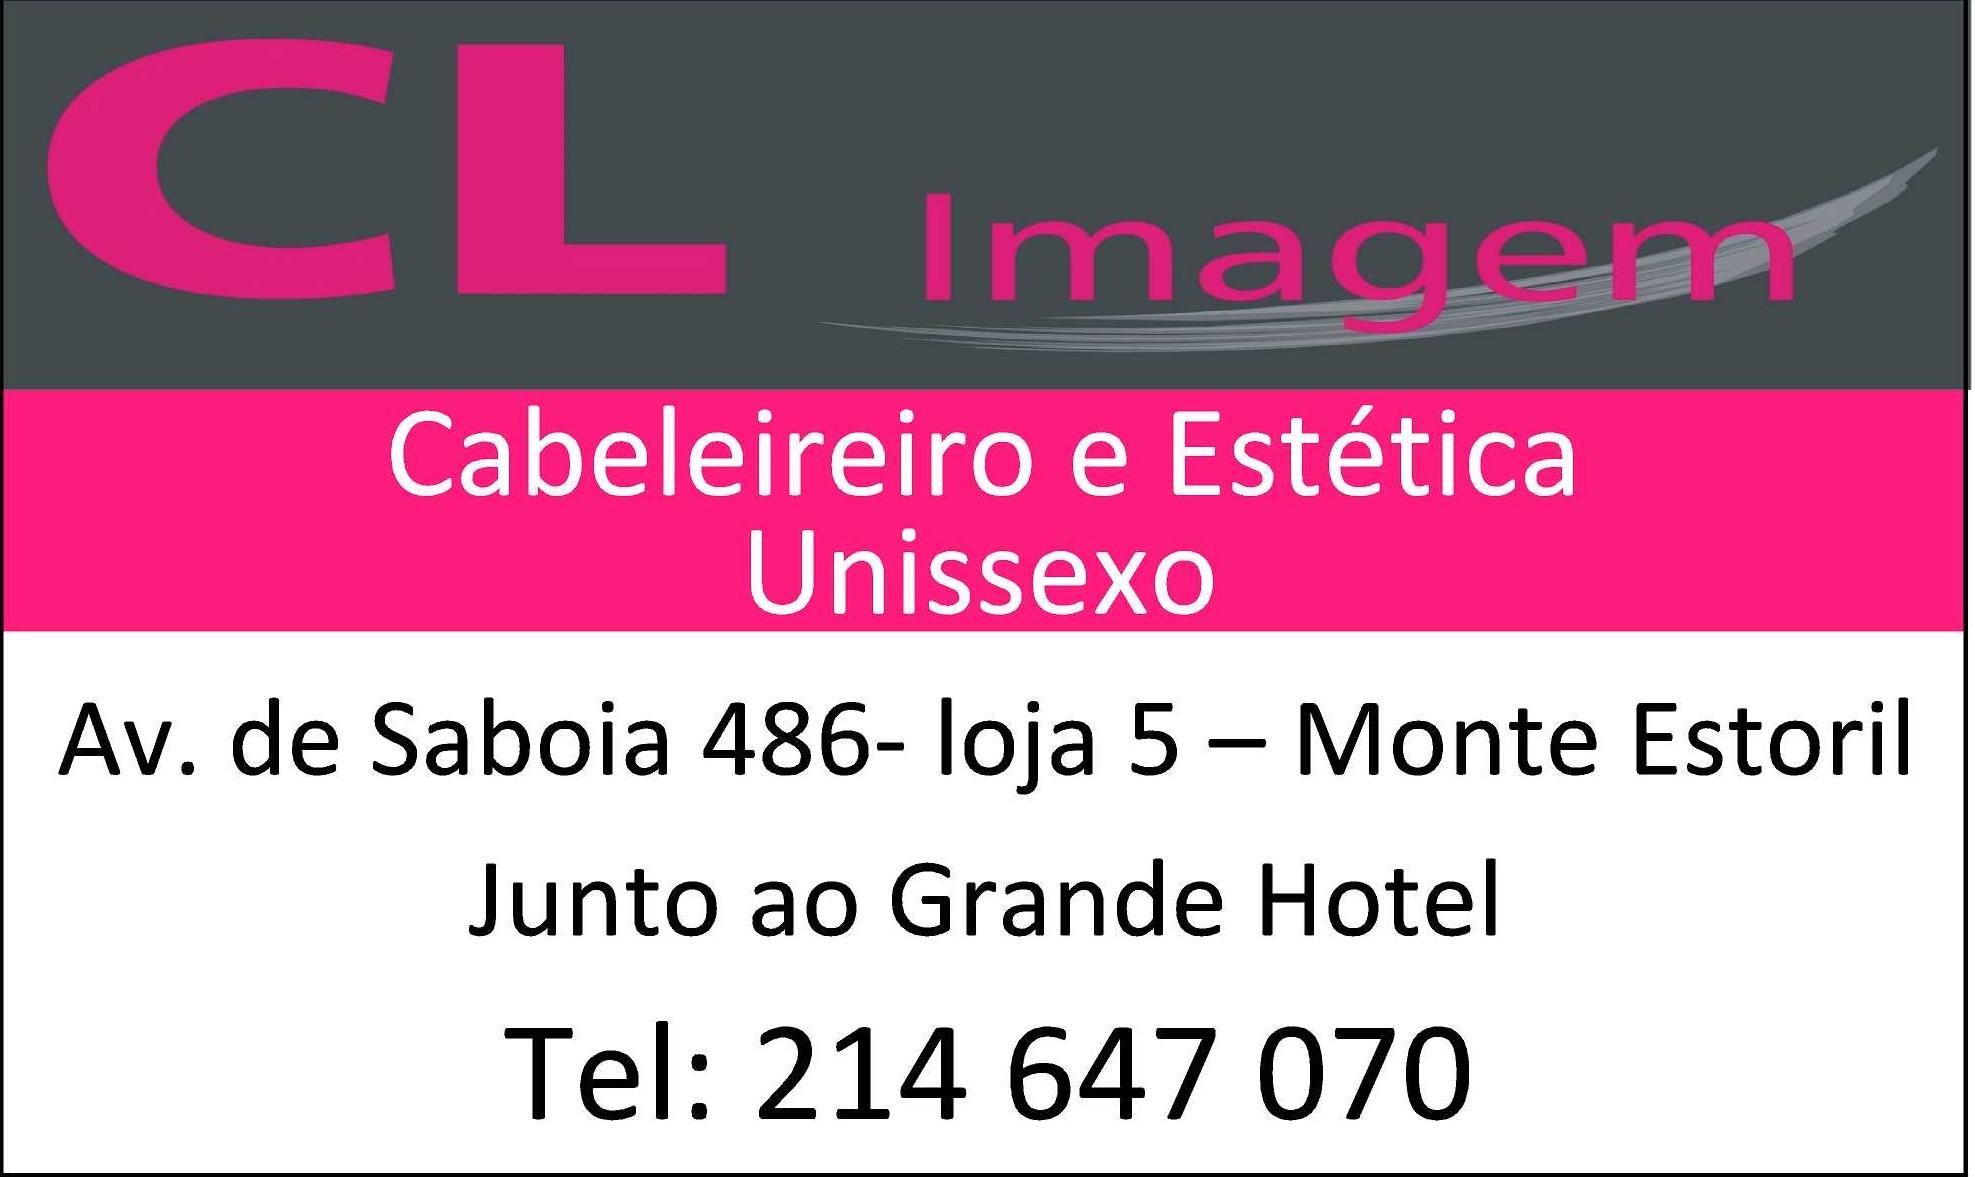 CL Imagem